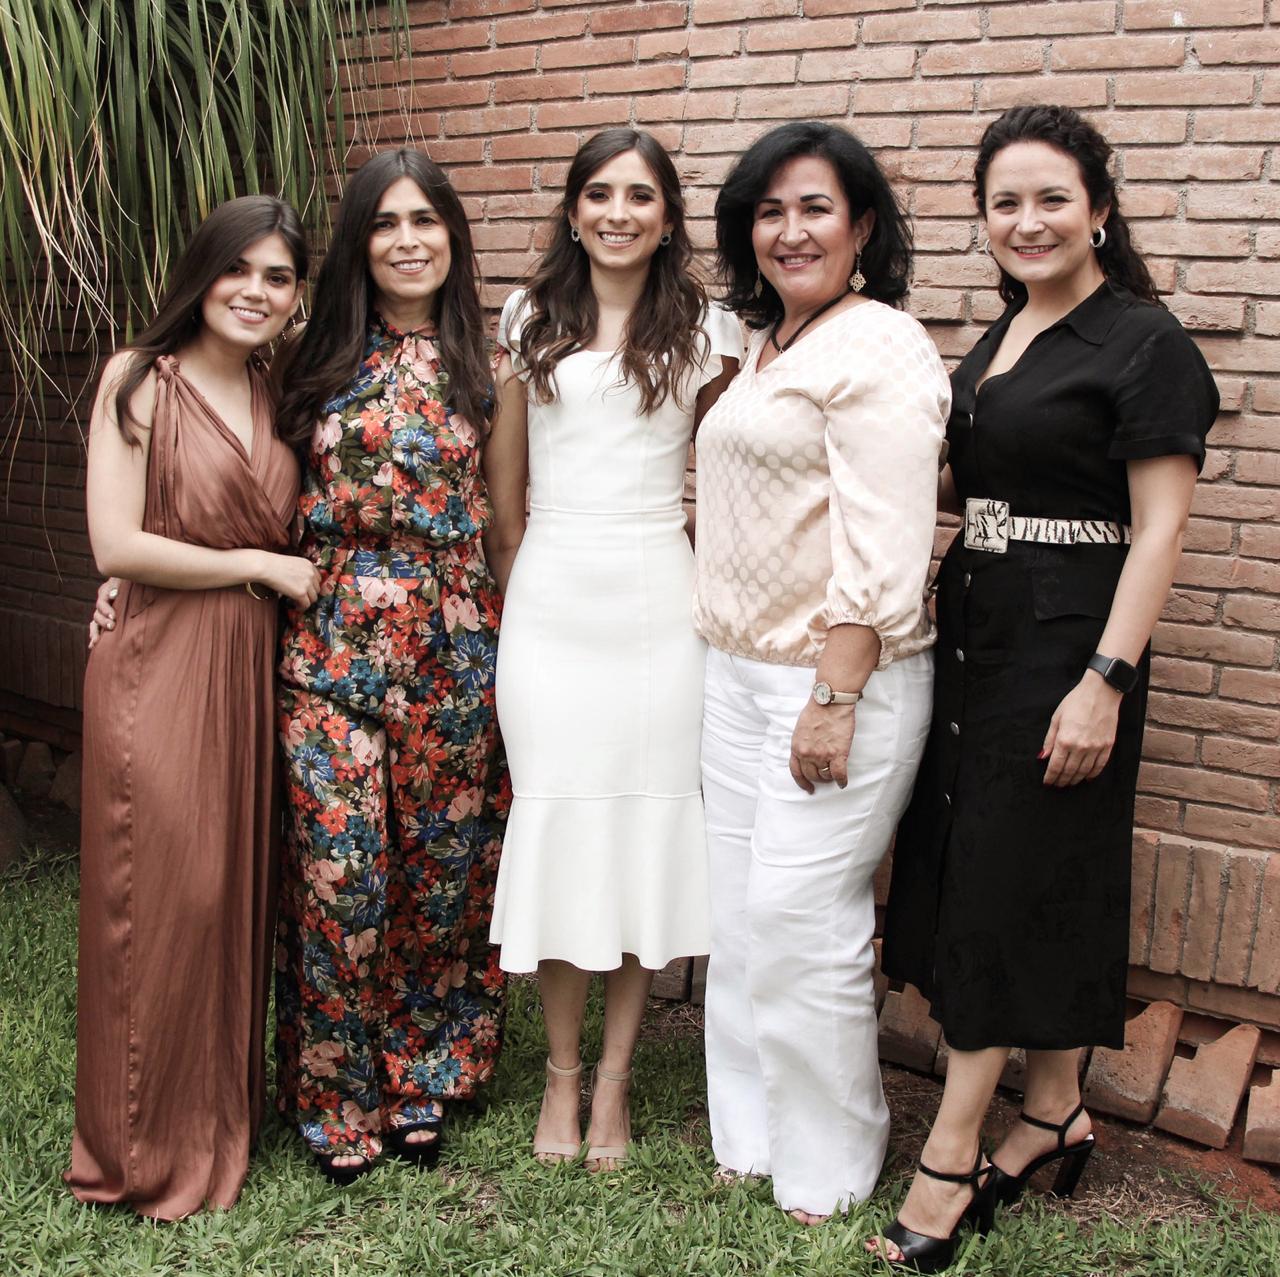 Ale Fuentes, Yolanda Lozano, Daniela Fuentes, Doris Garza y Mariana González.